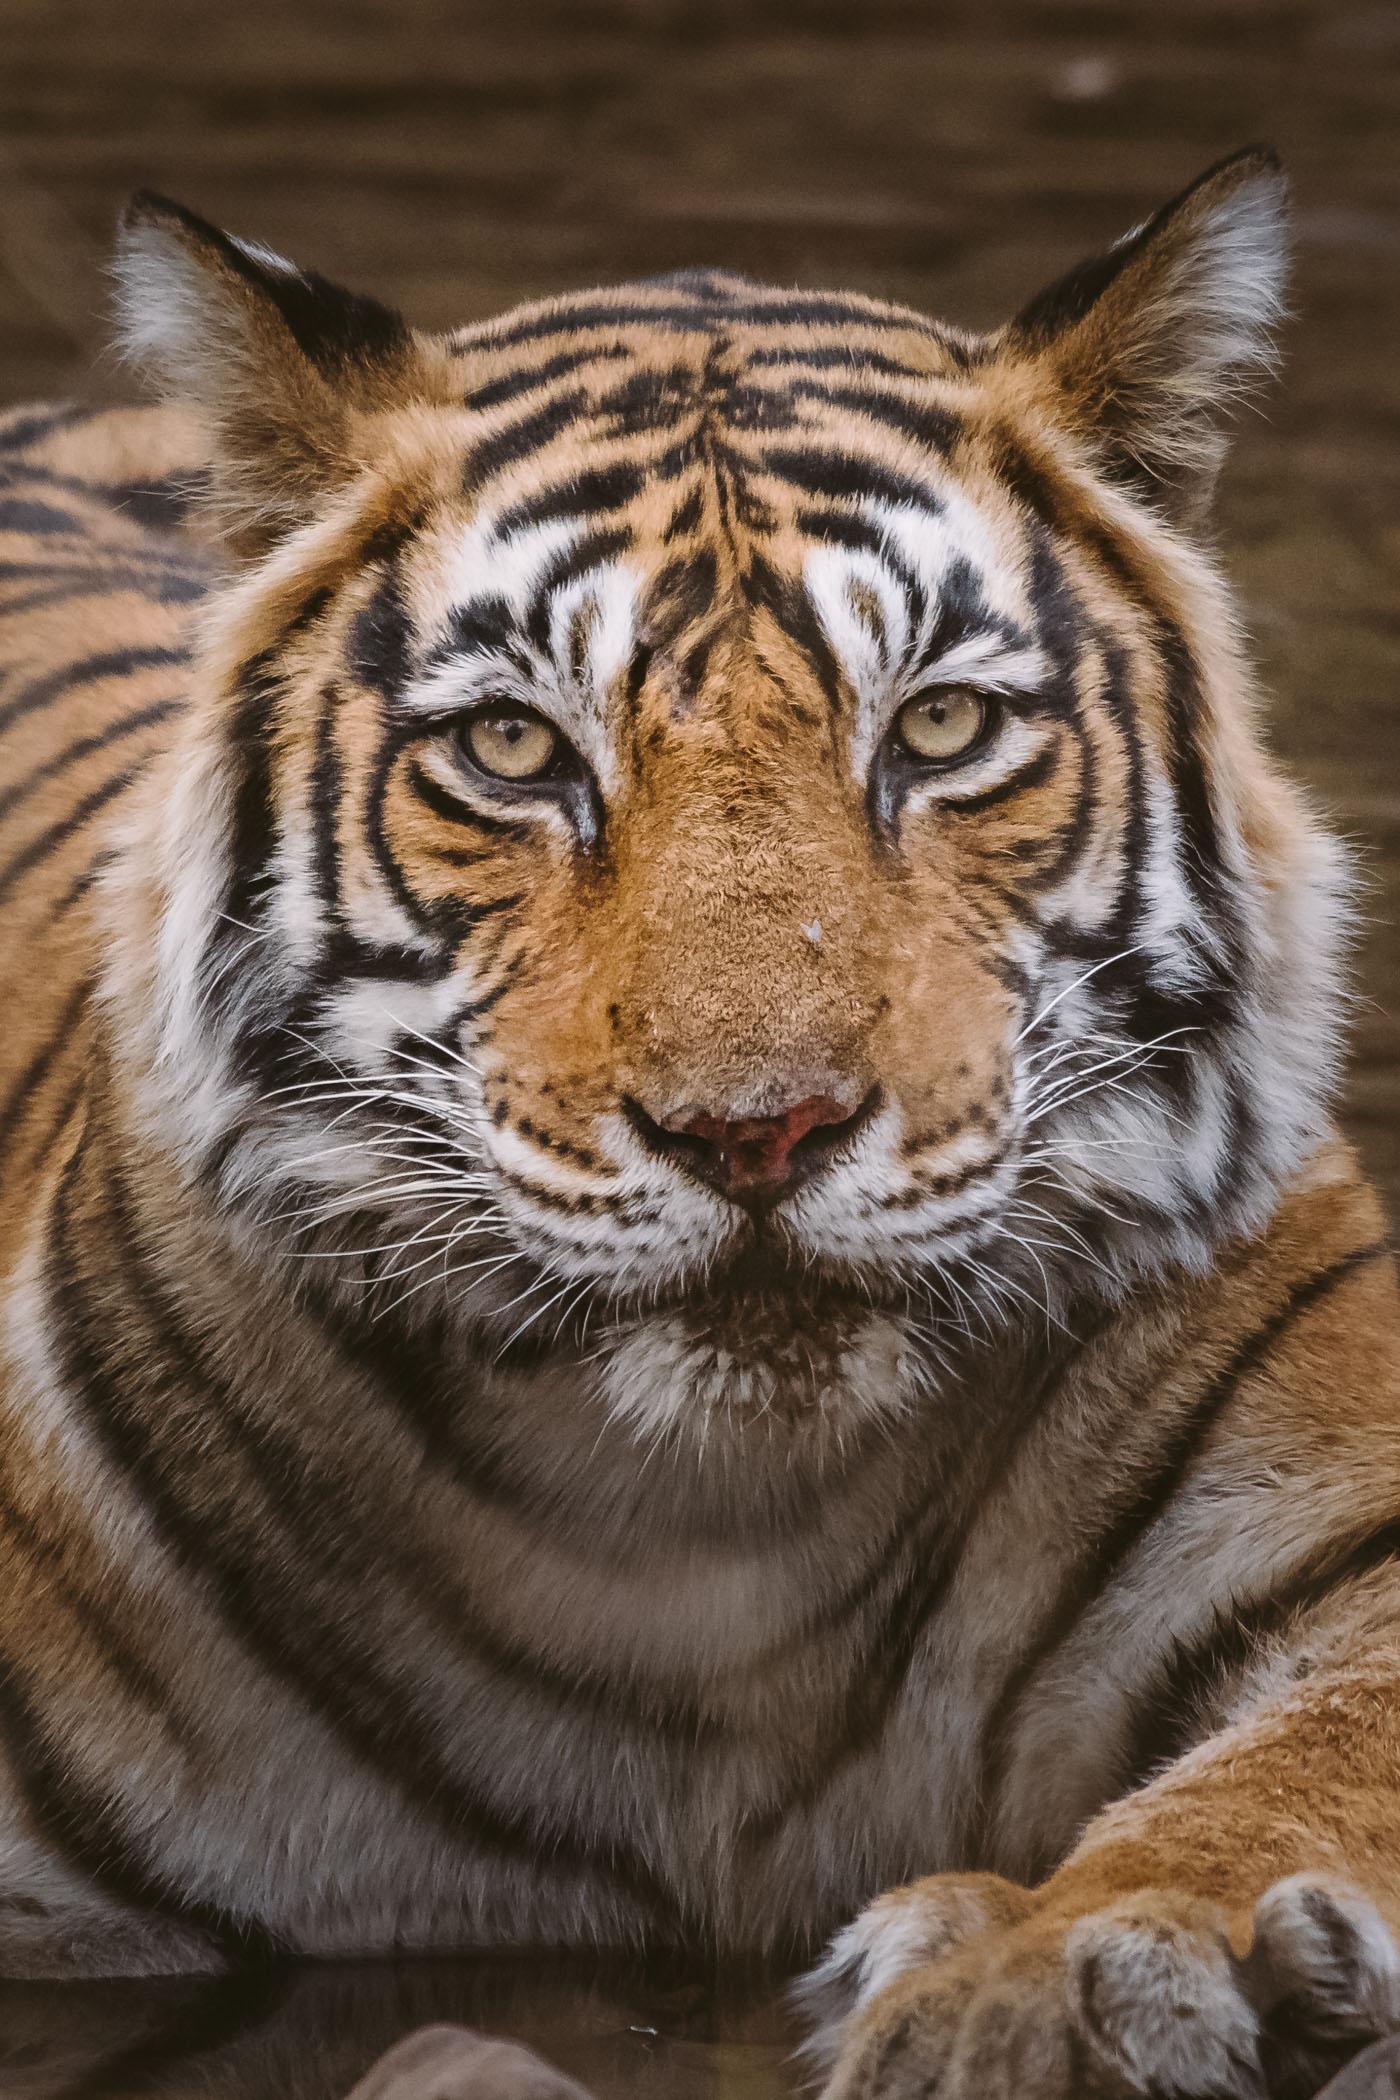 Tiger Safari in Rajasthan